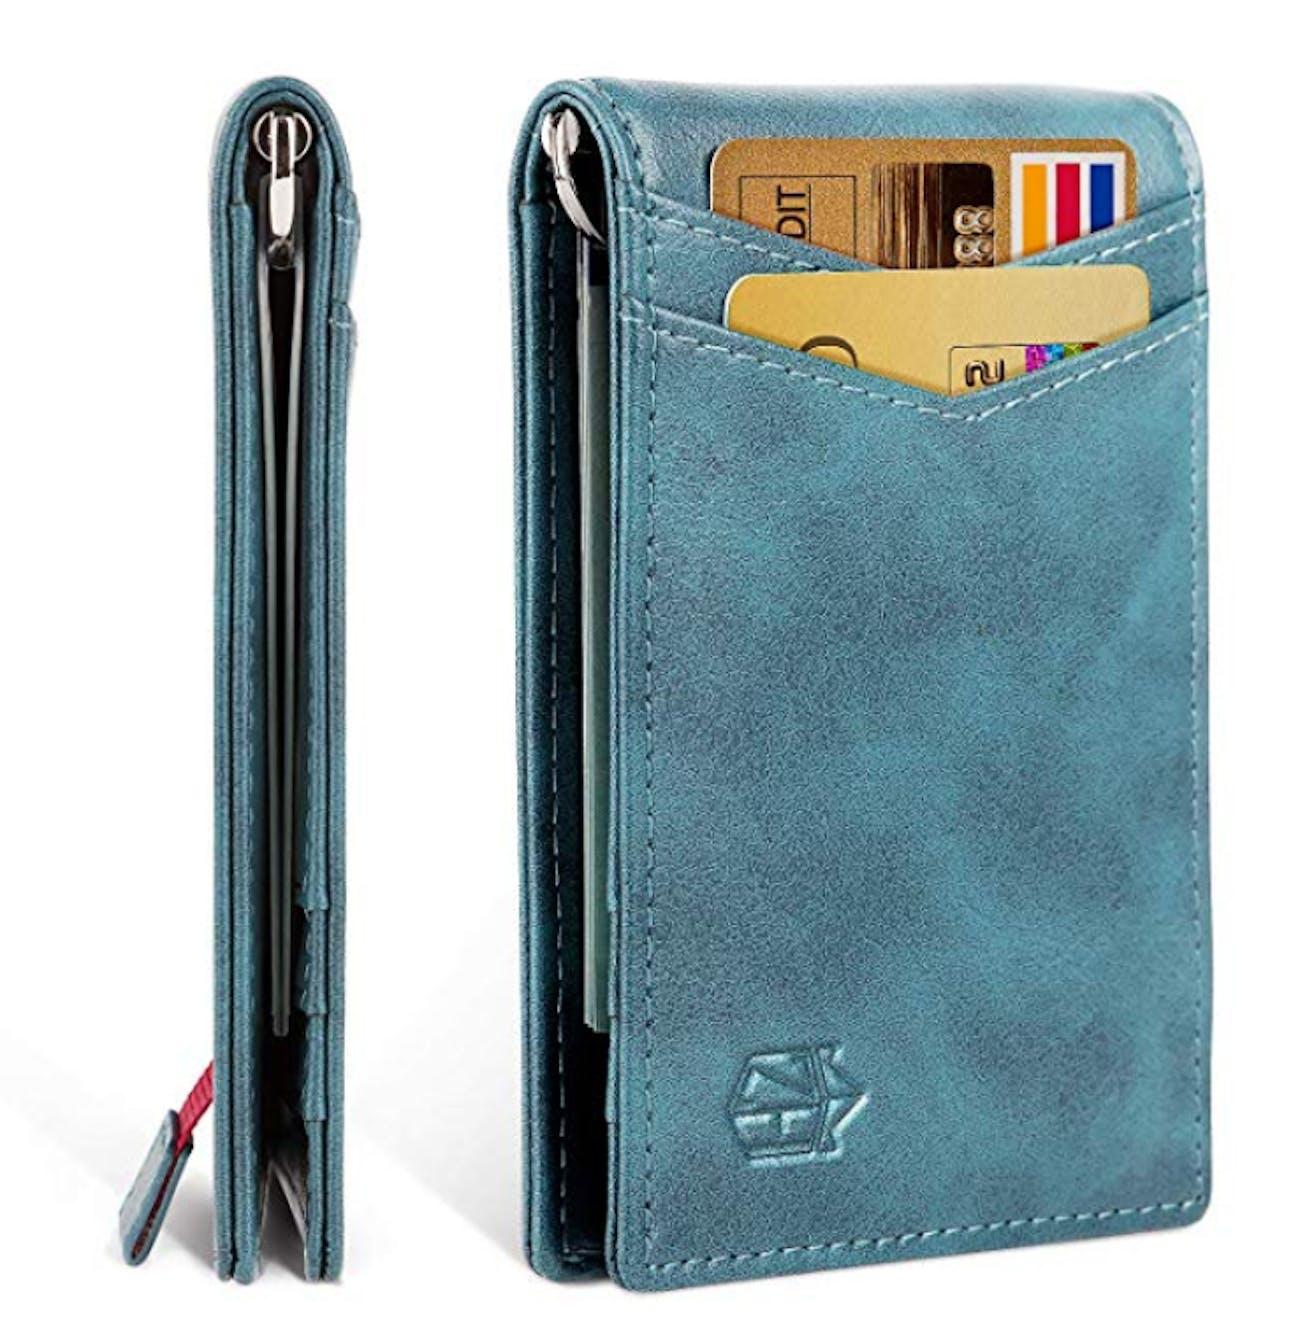 Zintahli Slim Wallet